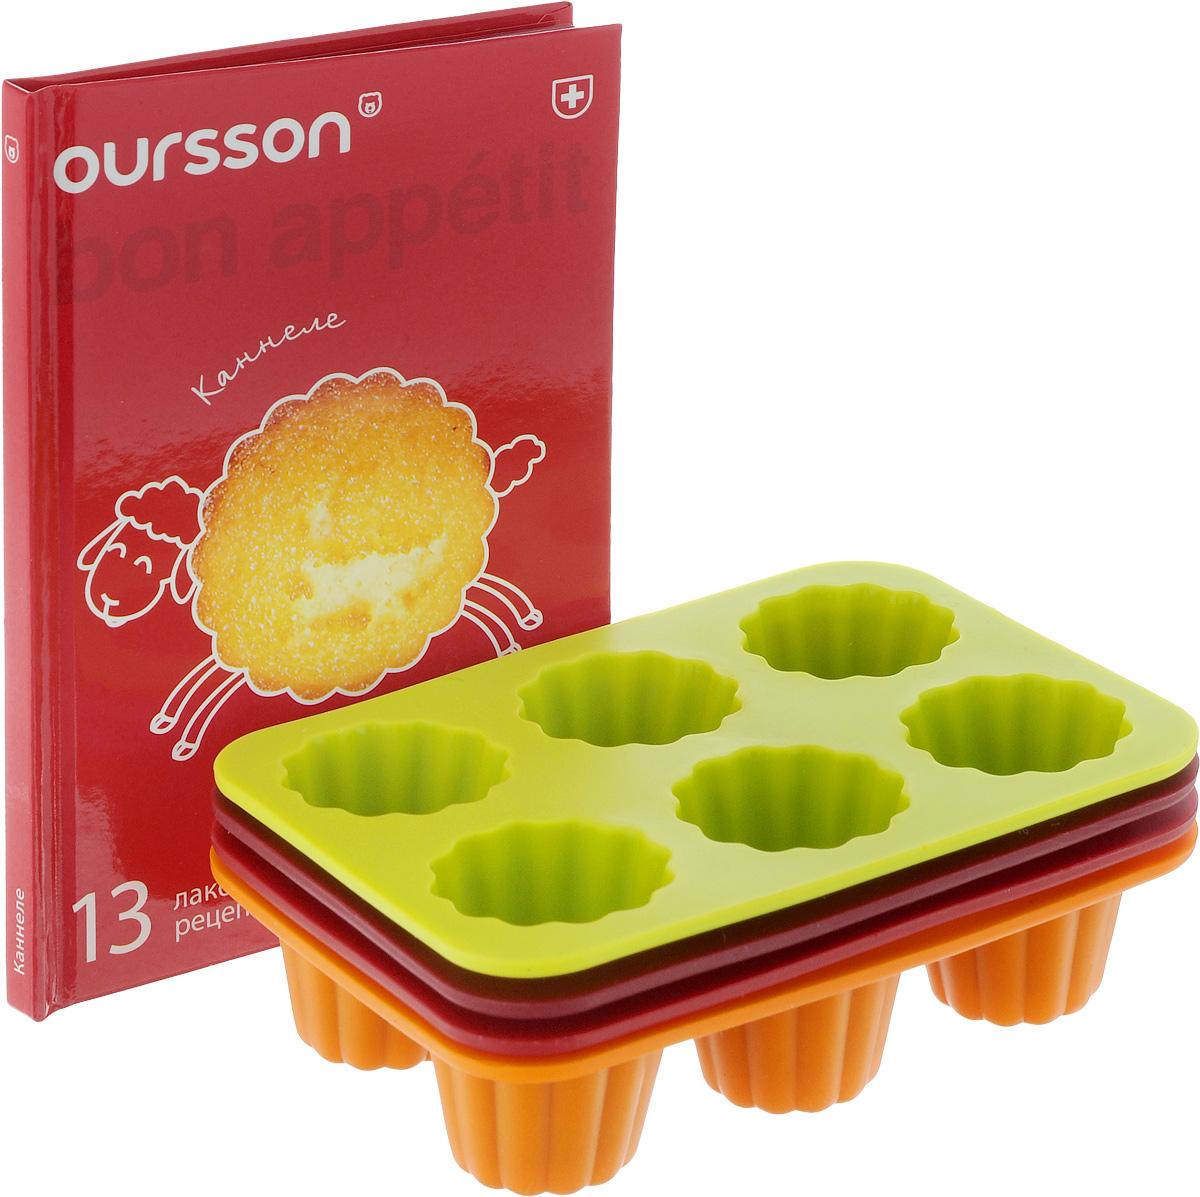 Набор для выпечки Oursson Bon Appetit, 5 предметов. BW1353SS/MC54 009312Набор для выпечки Oursson Bon Appetit будет отличным выбором для всех любителей домашней выпечки. Набор состоит из 4 силиконовых форм для выпечки. Каждая форма имеет 6 ячеек для выпечки. Силиконовые формы для выпечки имеют множество преимуществ по сравнению с традиционными металлическими формами и противнями. Нет необходимости смазывать форму маслом. Она быстро нагревается, равномерно пропекает, не допускает подгорания выпечки с краев или снизу.Материал устойчив к фруктовым кислотам, не ржавеет, на нем не образуются пятна. В комплекте к формам идет книга с 13 рецептами.Форма может быть использована в духовках и микроволновых печах (выдерживает температуру от -20°С до +220°С), также ее можно помещать в морозильную камеру и холодильник.Размер формы: 12,5 х 9 х 2,5 см.Размер ячейки: 3,3 х 3,3 х 2,5 см.